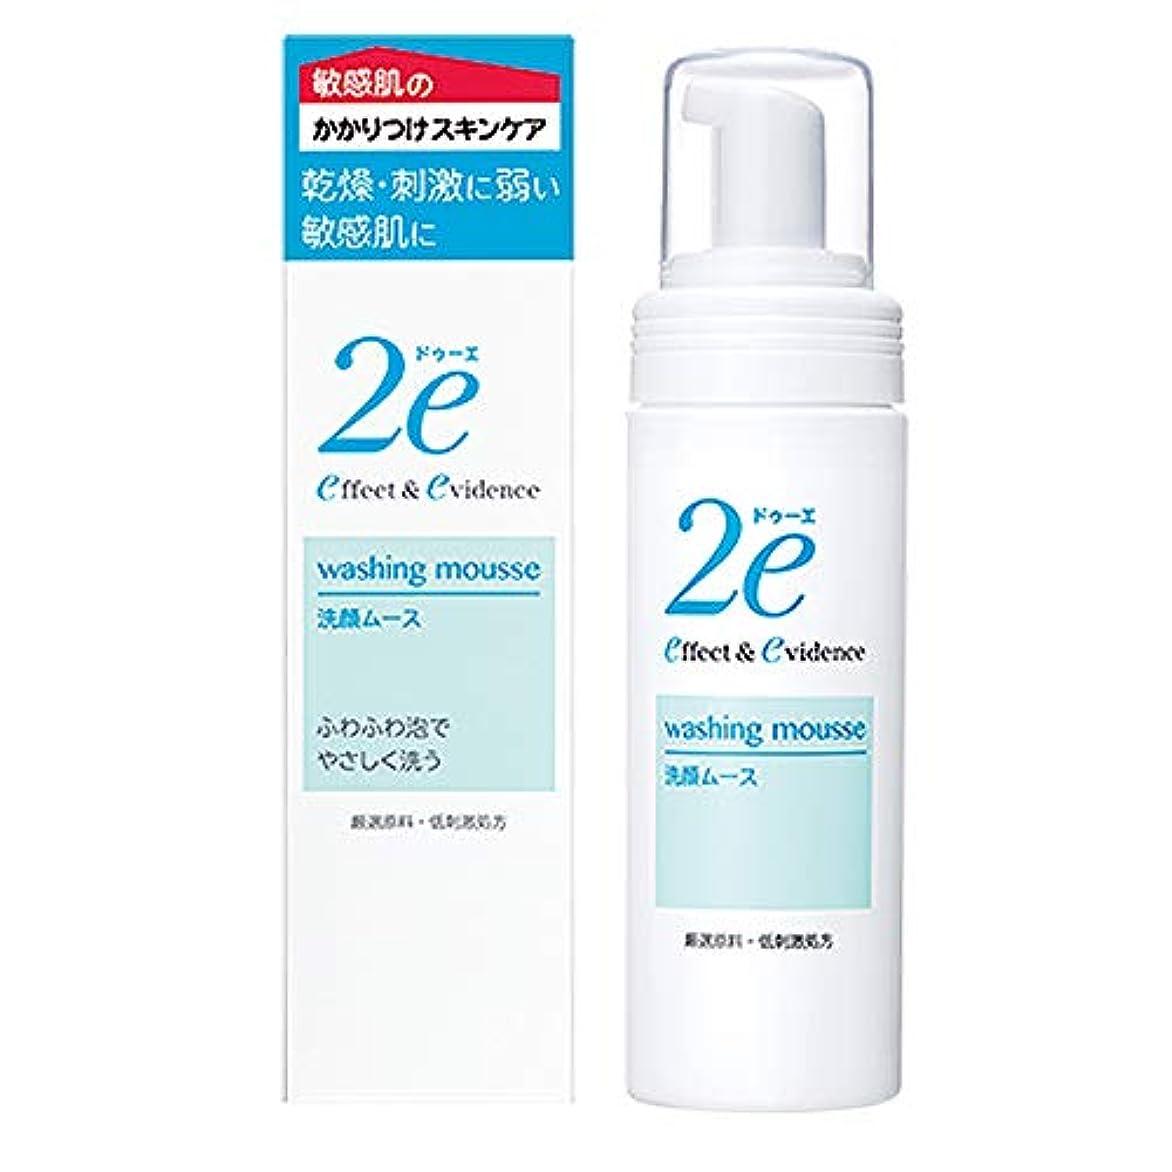 洗う戦う混乱させる2e(ドゥーエ) 洗顔ムース 敏感肌用洗顔料 低刺激処方 泡で出てくるポンプタイプ 120ml